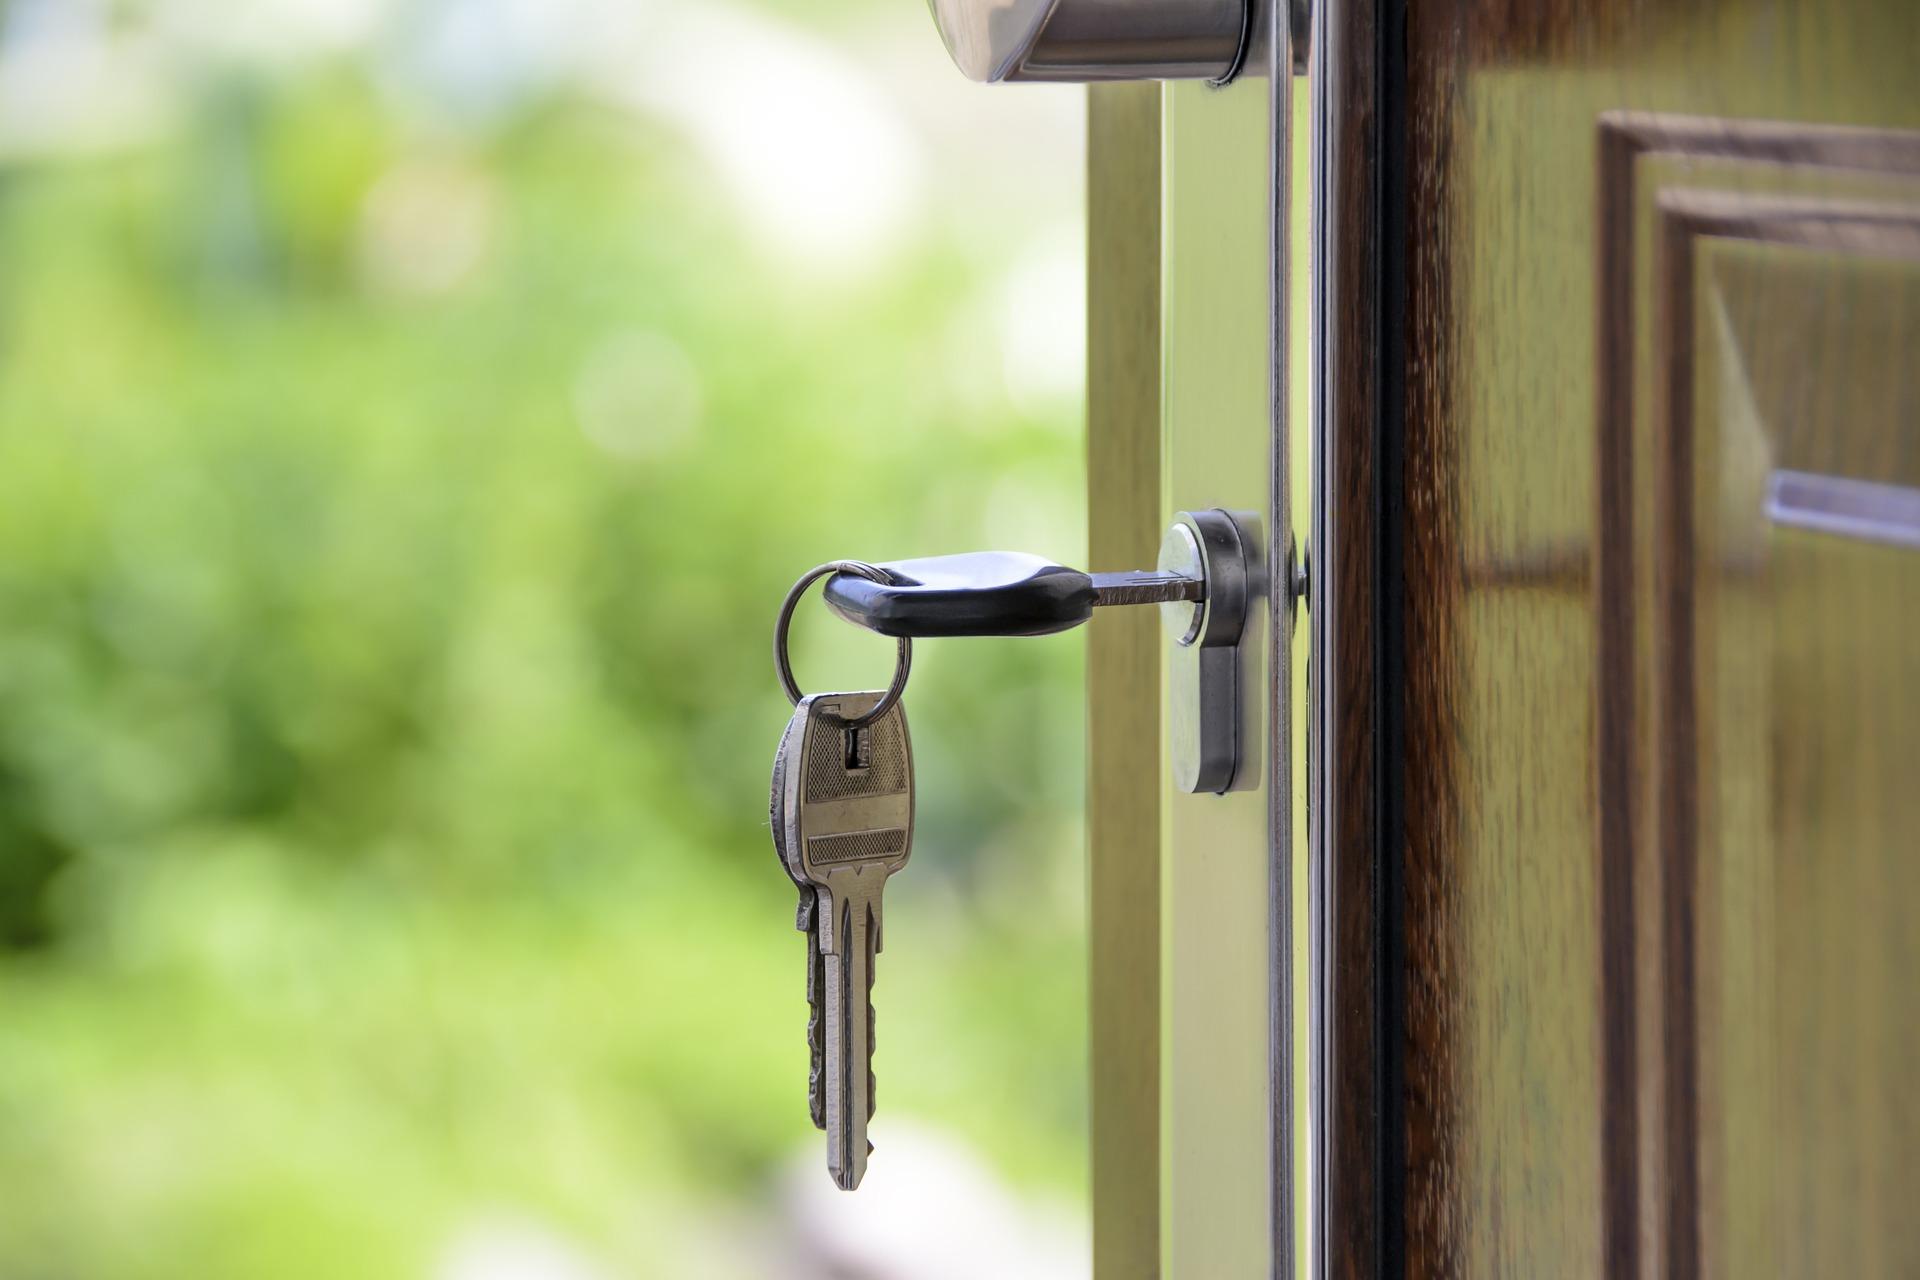 Kaip apsisaugoti nuo įsilaužimų į gyvenamąjį būstą?